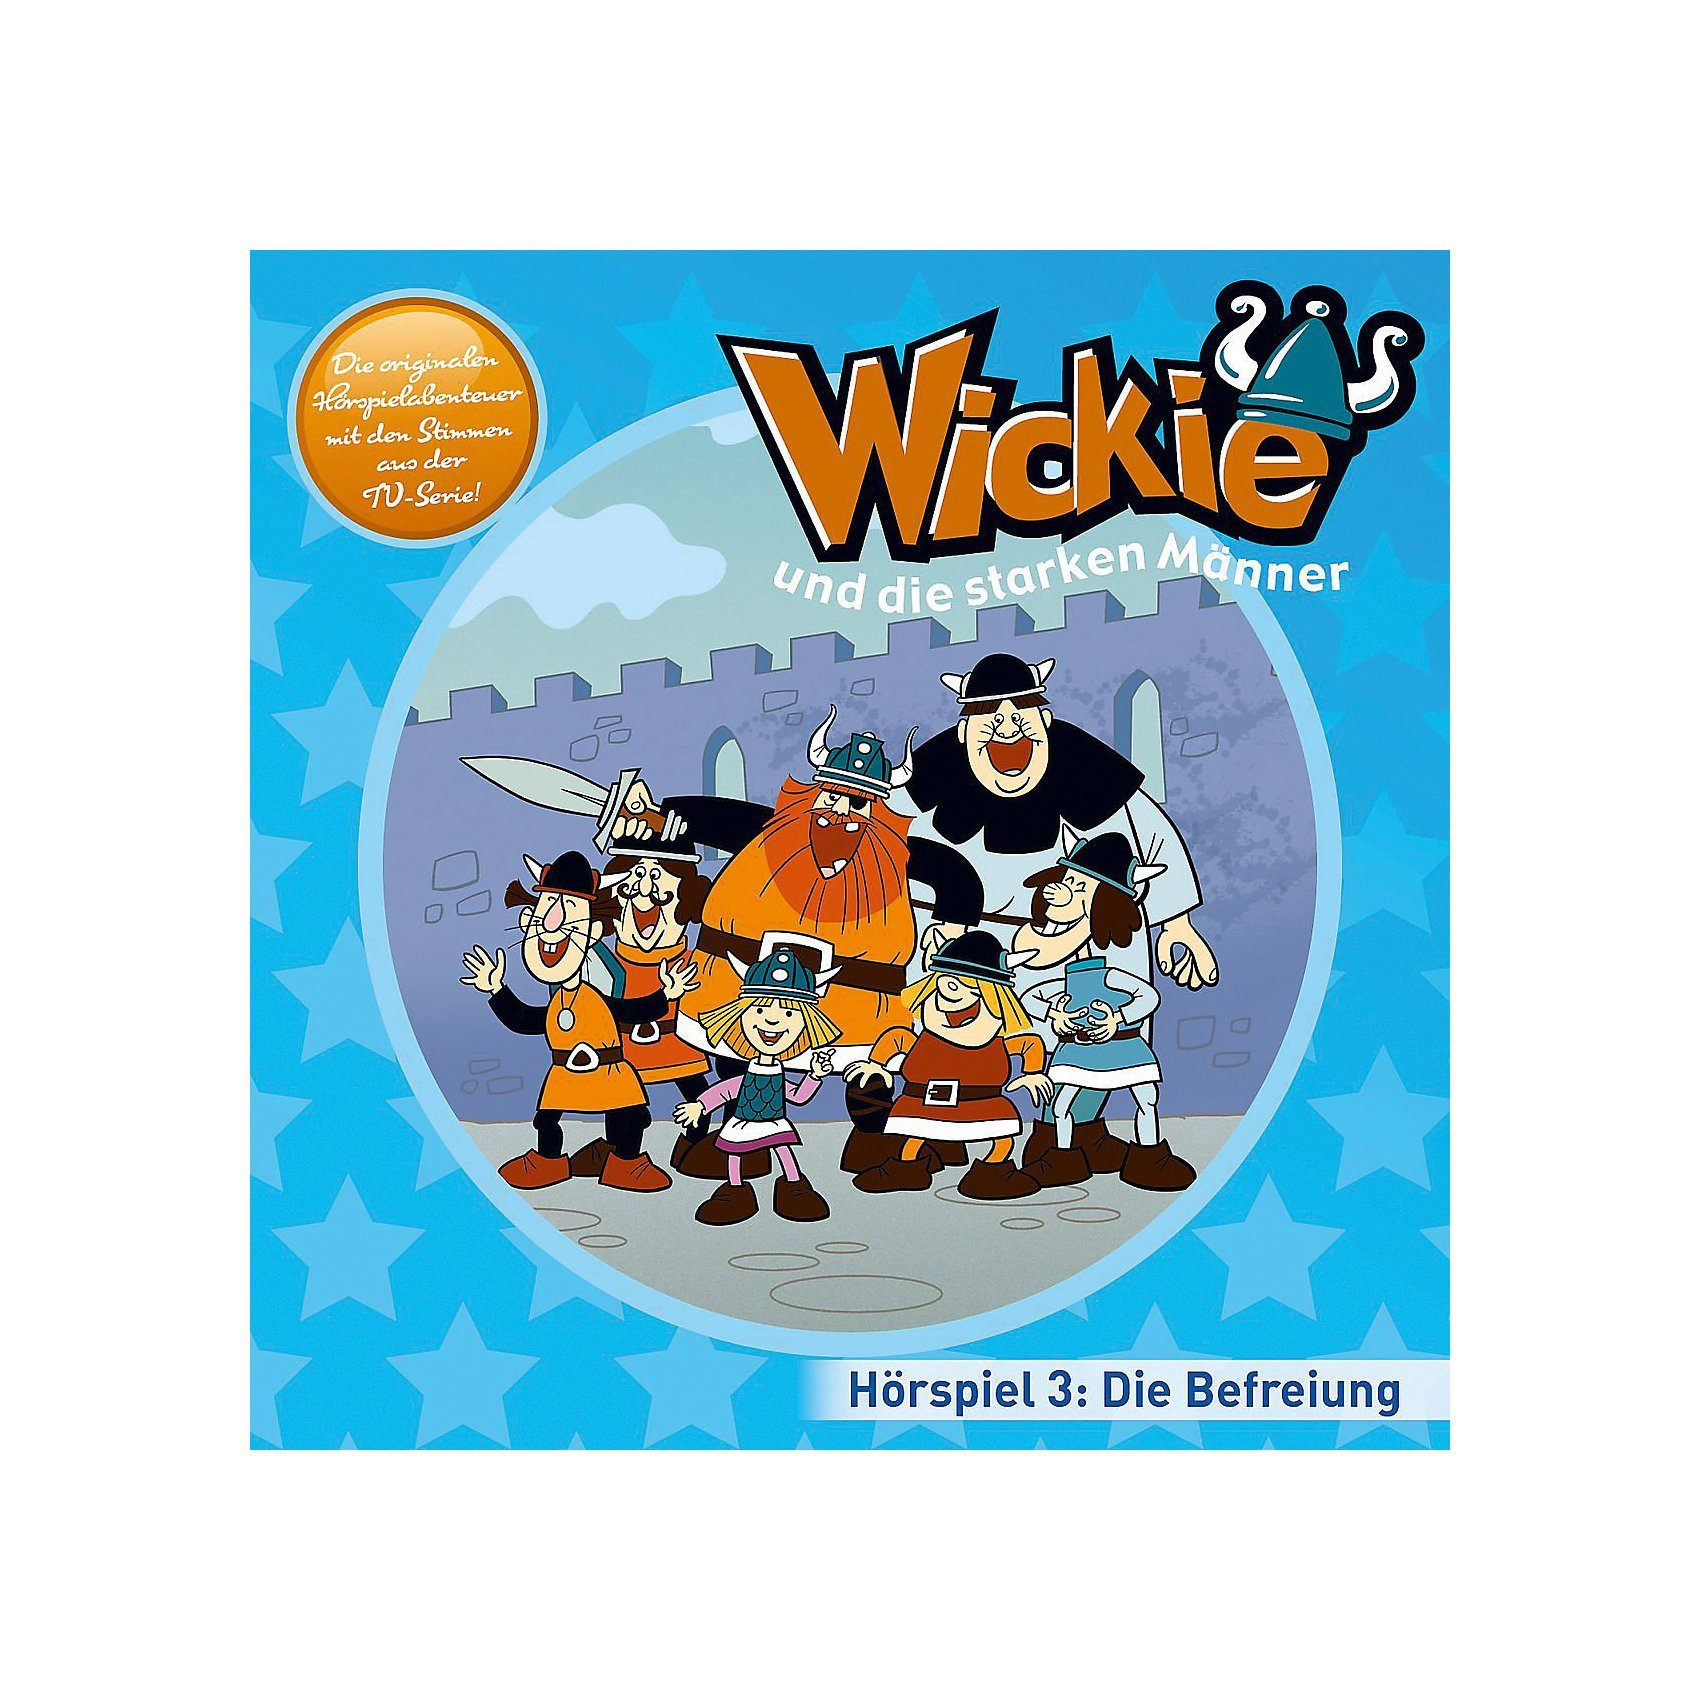 Universal CD Wickie 03 - Die Befreiung